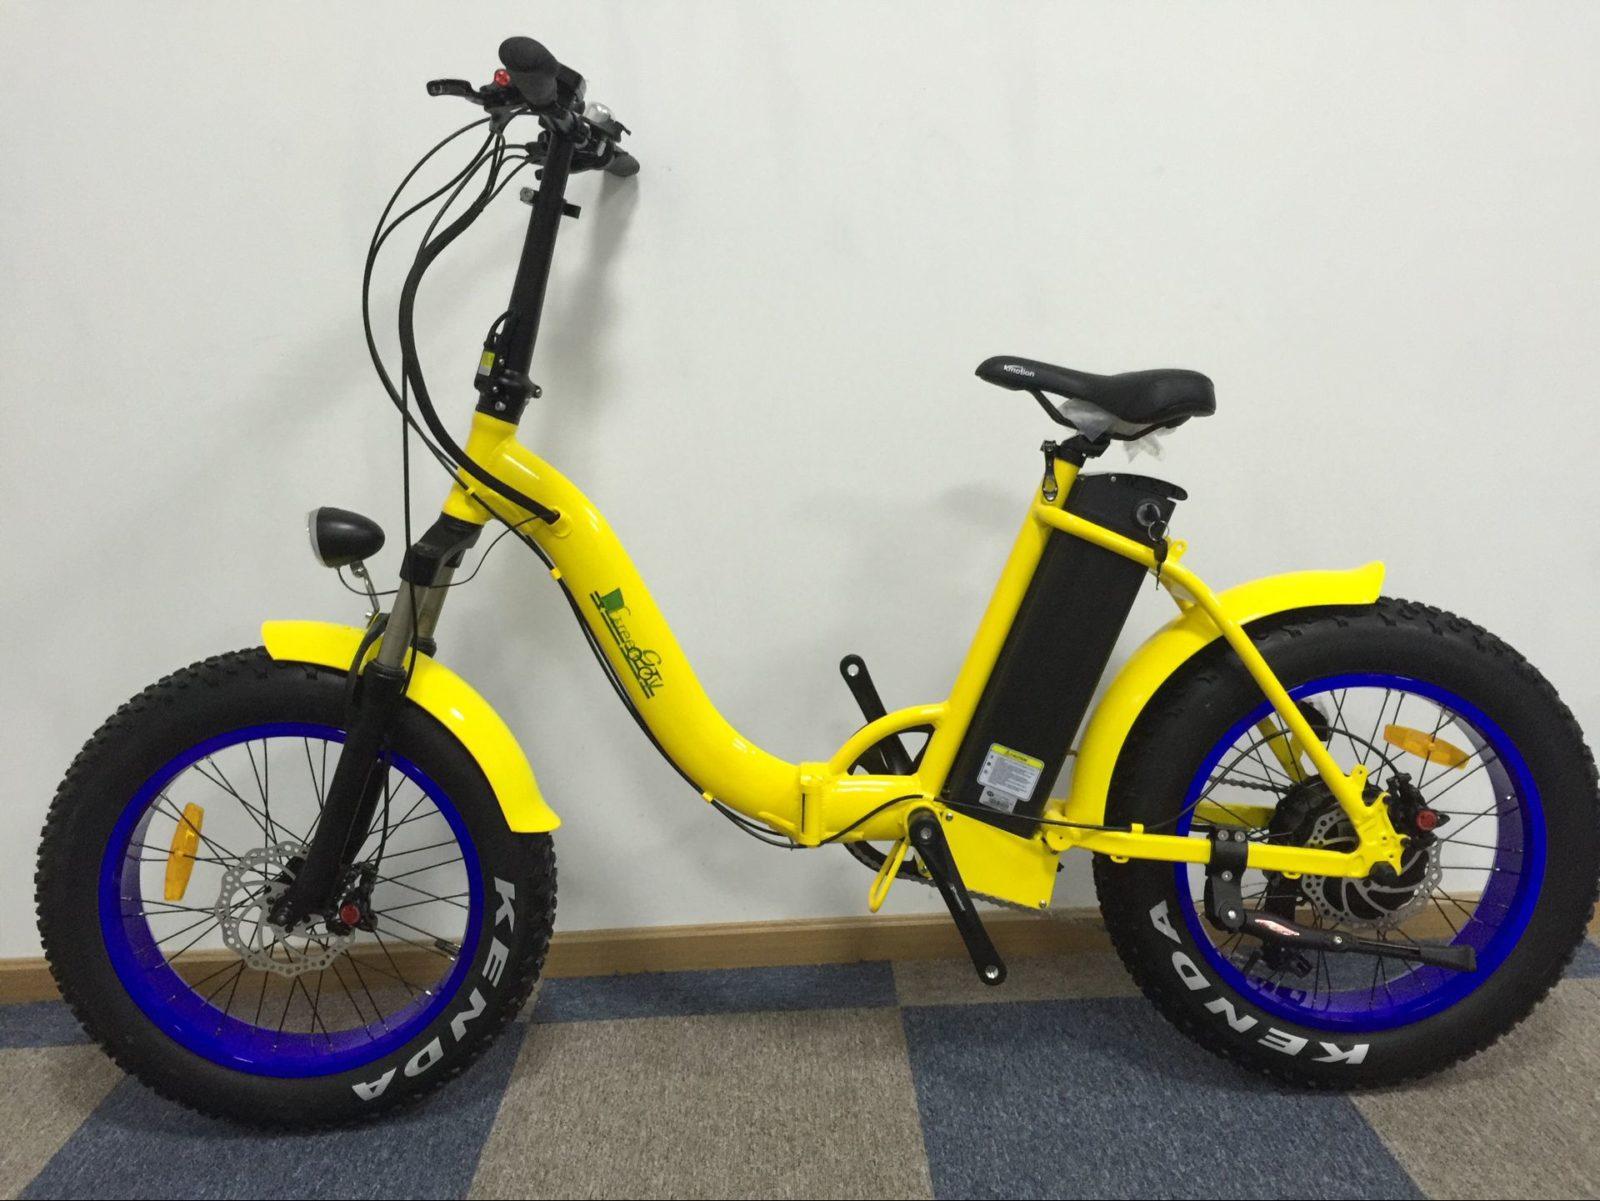 Schema Elettrico Bici Pedalata Assistita : Bici elettrica a pedalata assistita modello cup greenbike